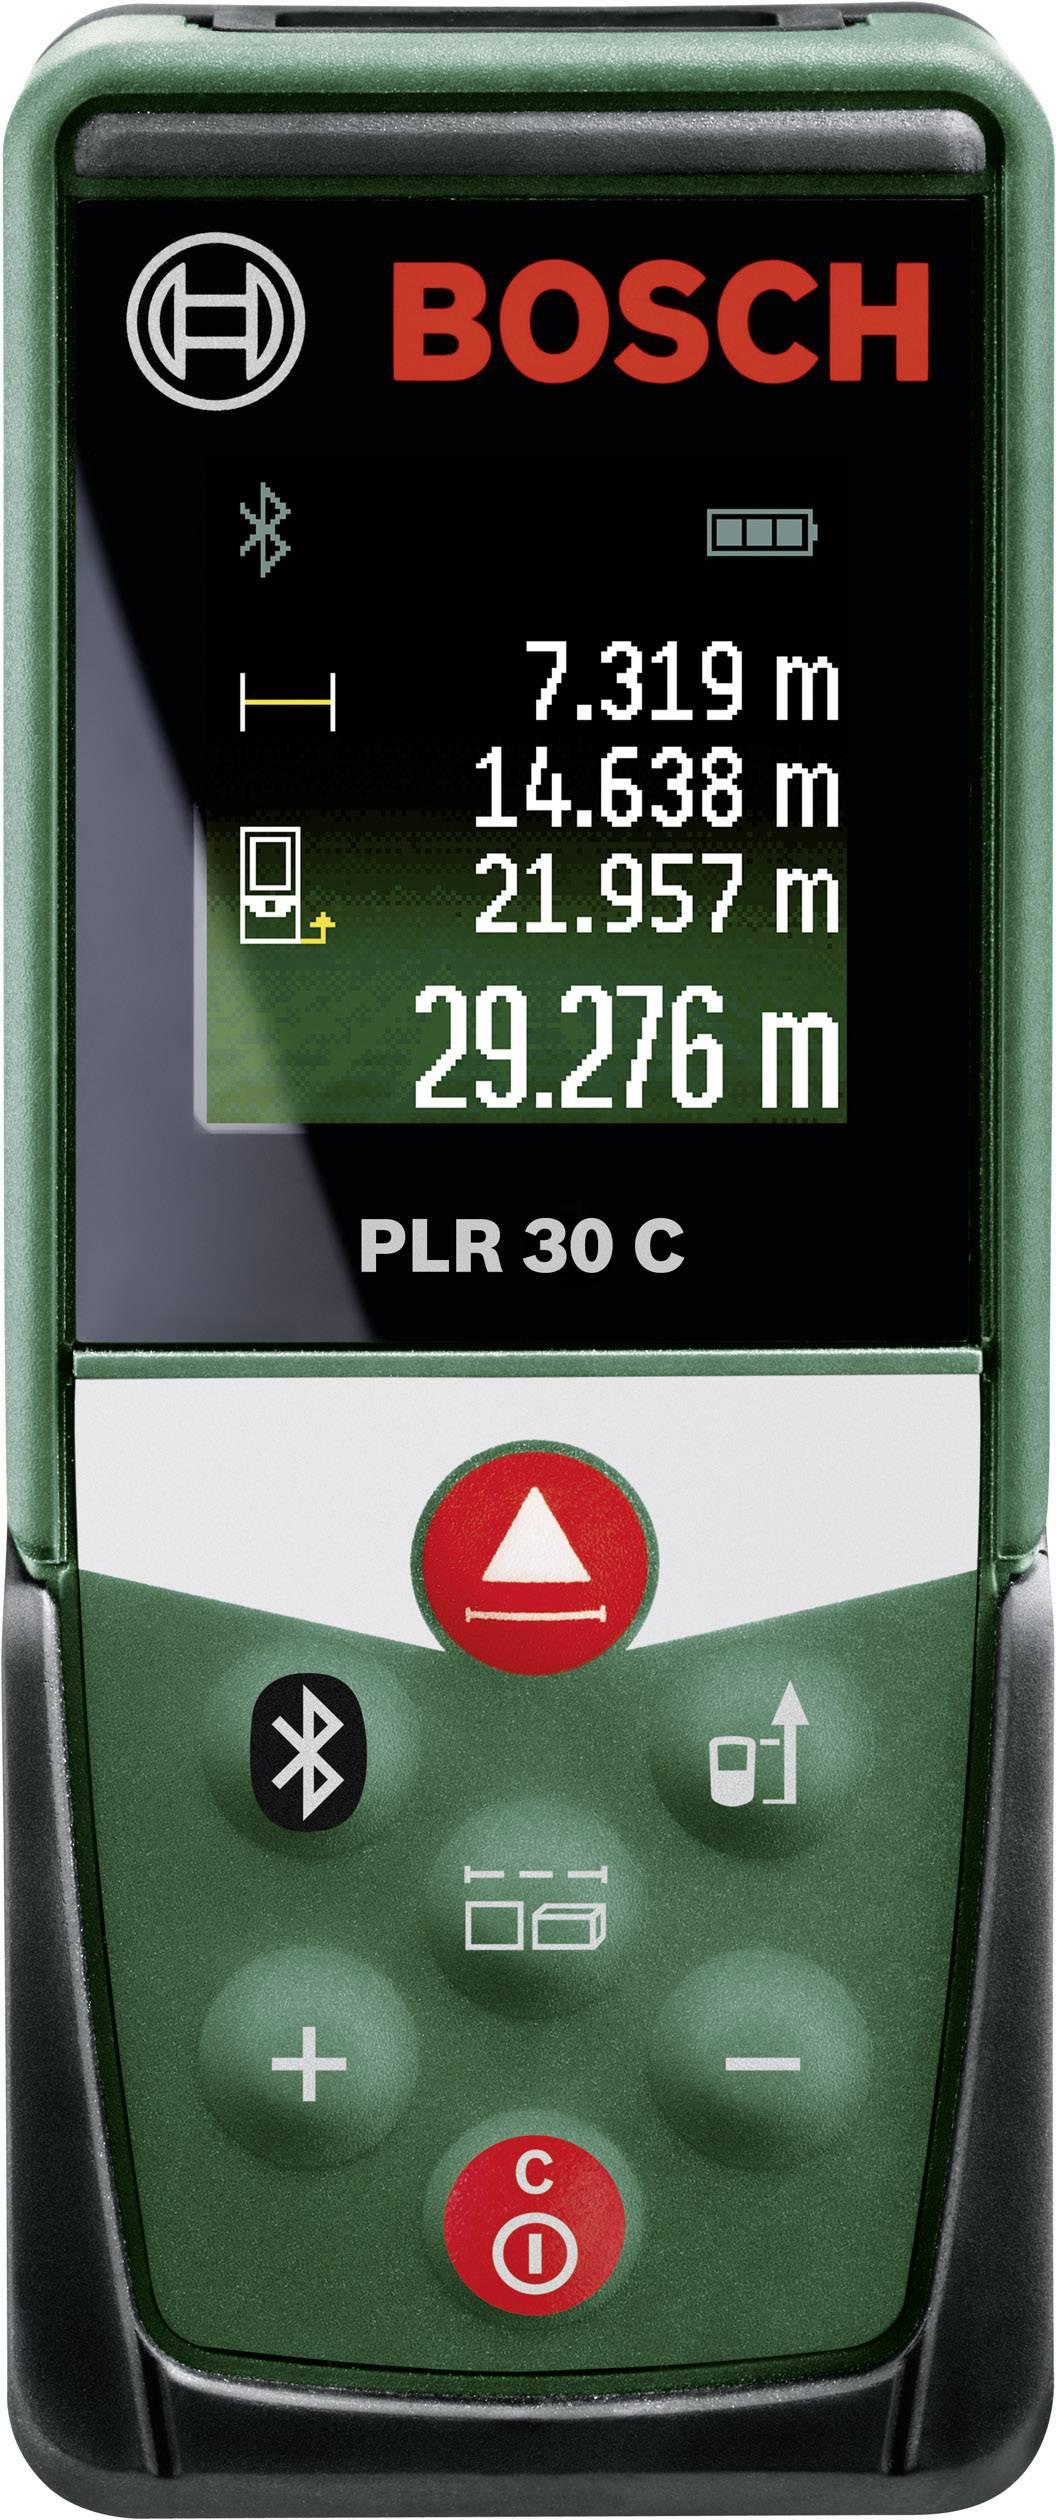 Laserový měřič vzdálenosti s Bluetooth Bosch Home and Garden PLR 30 C, Rozsah měření (max.) 30 m